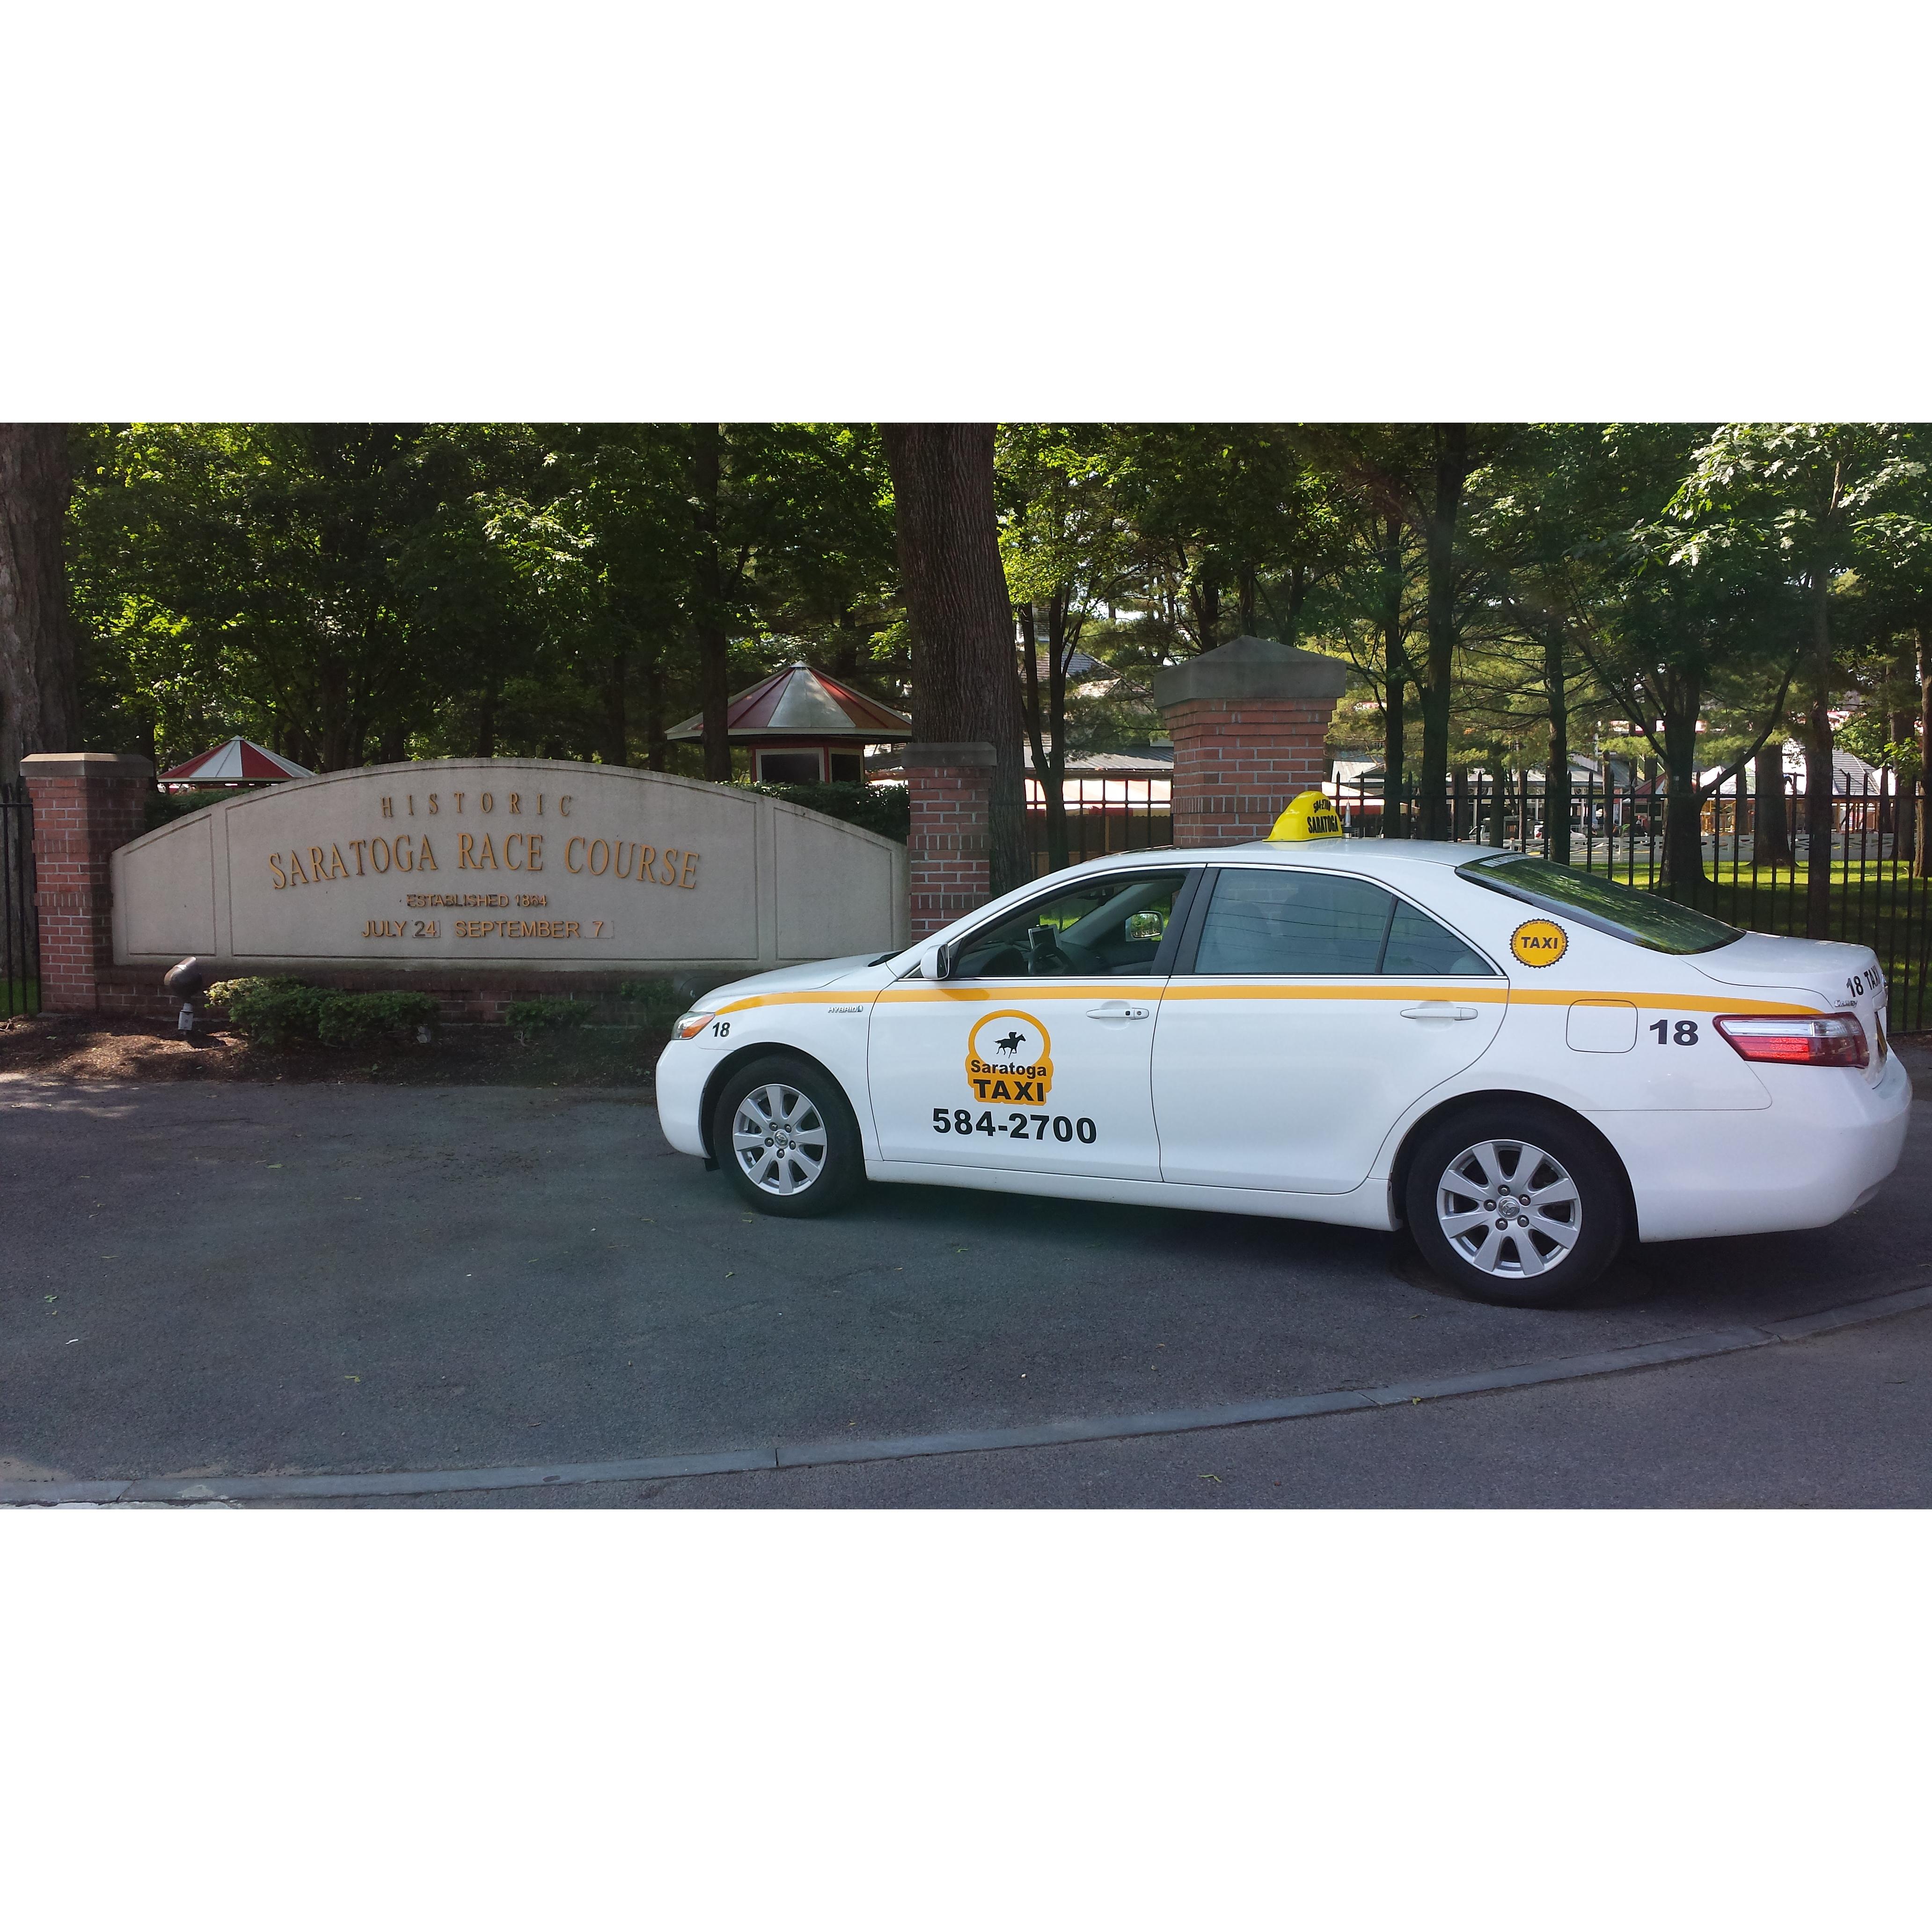 Saratoga Taxi - Saratoga Springs, NY 12866 - (518)584-2700 | ShowMeLocal.com